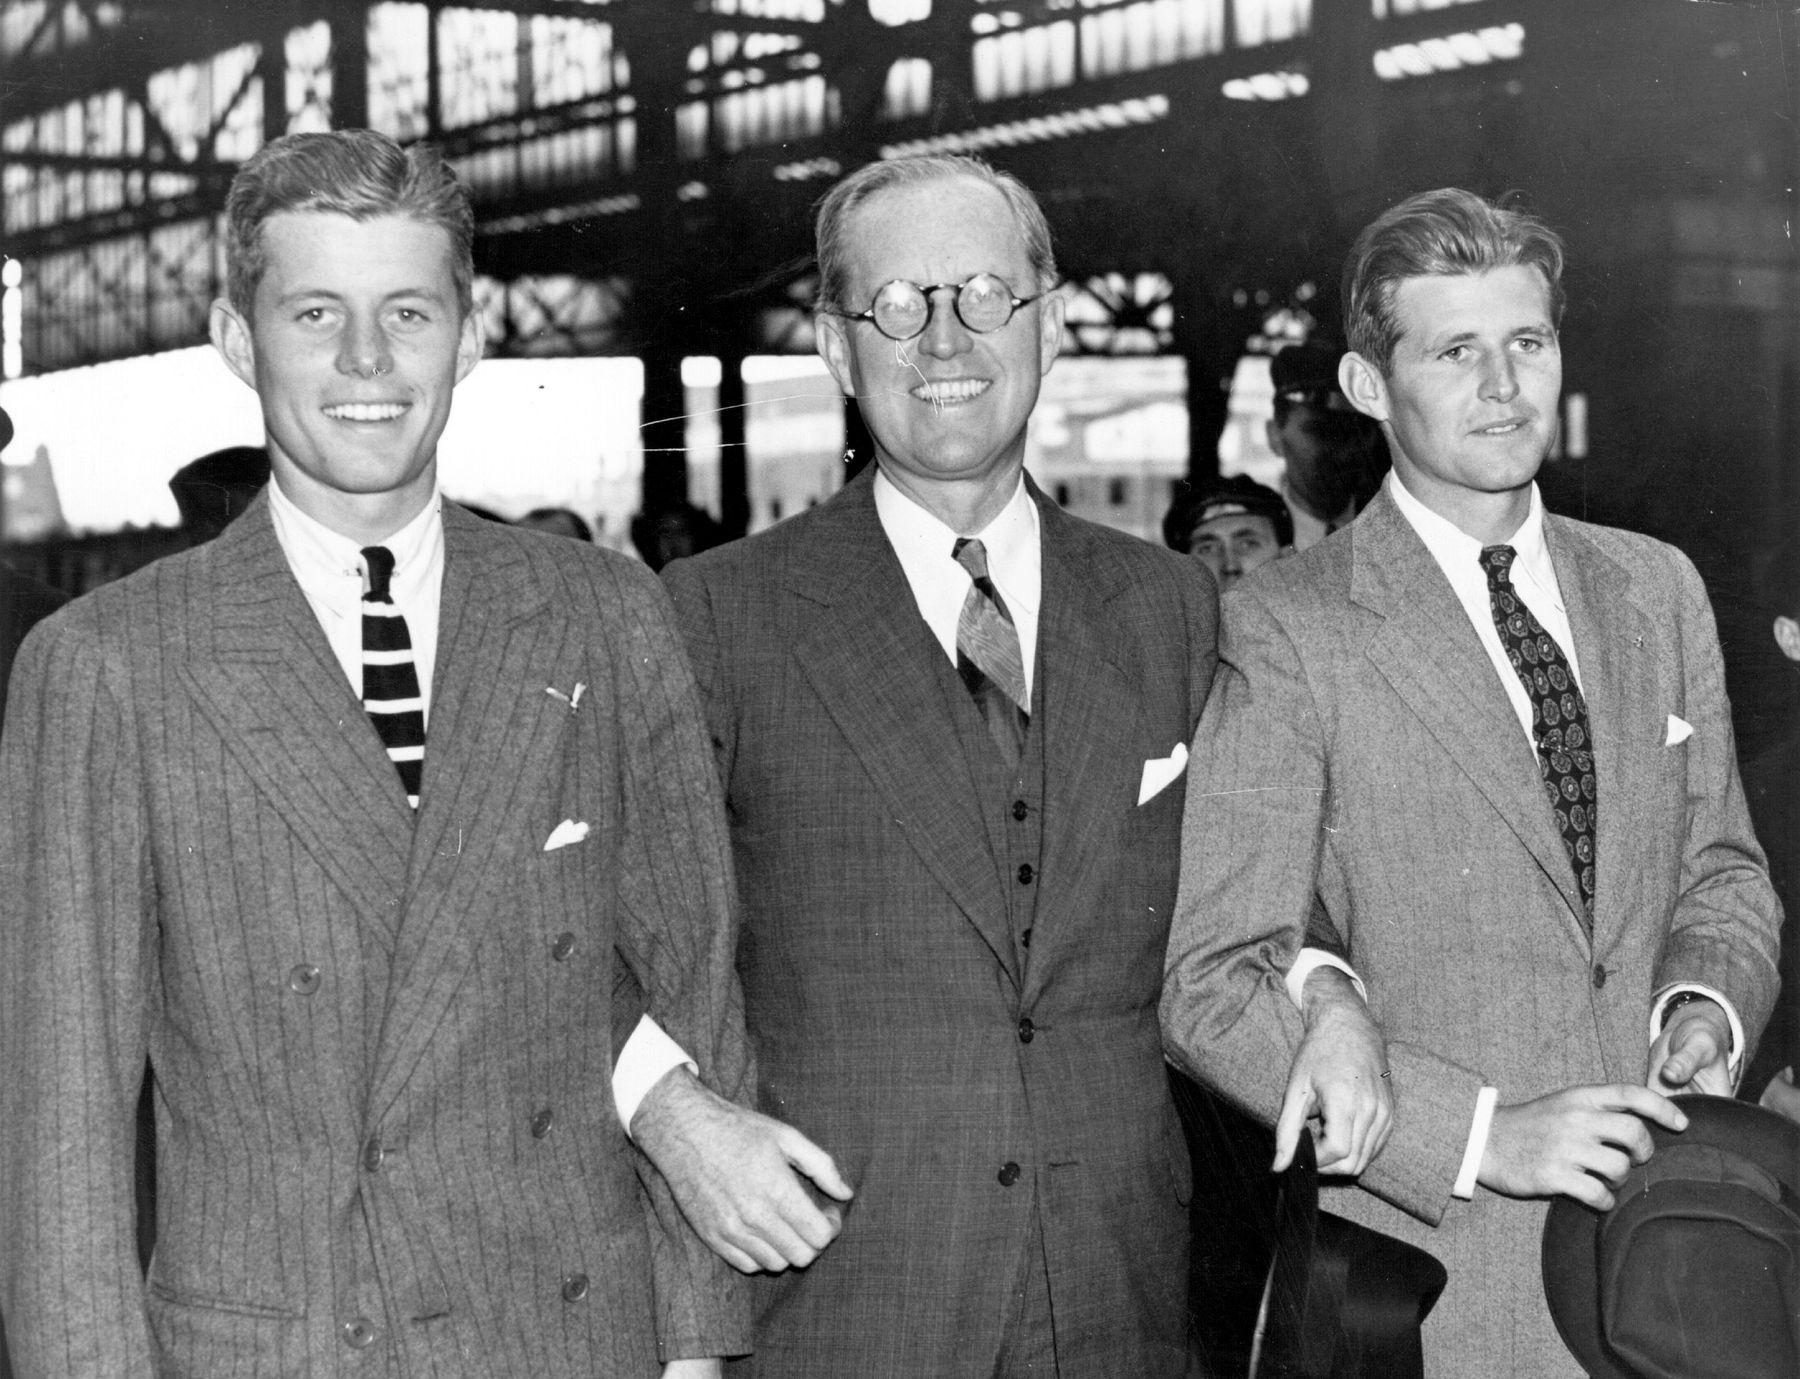 Мултимилионерът Джоузеф Патрик Кенеди със синовете си Джон Кенеди и Джоузеф Кенеди-младши Семейство Кенеди в Лондон (1937)